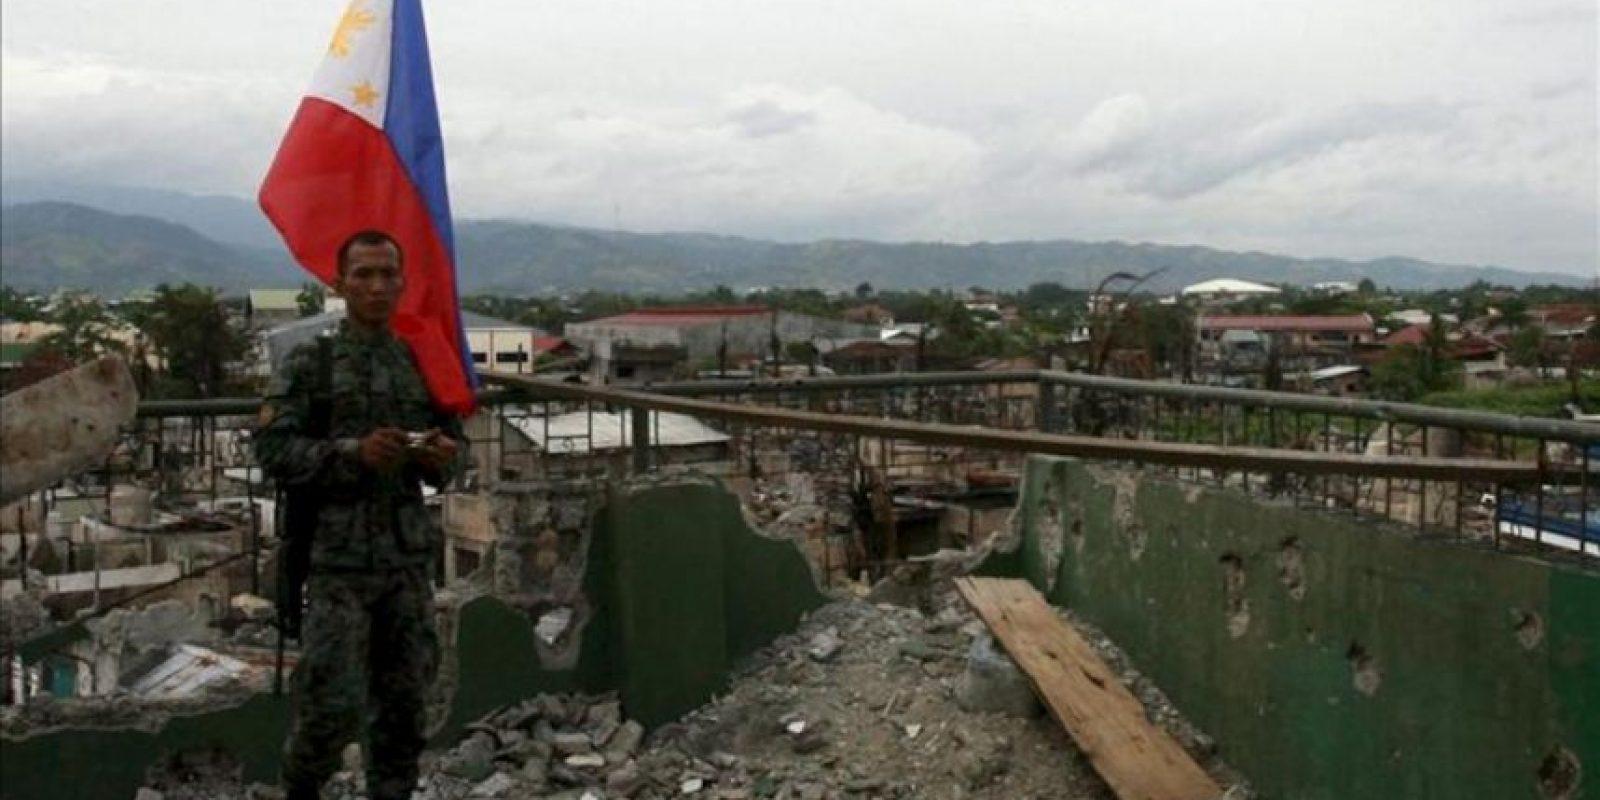 Soldados limpian la zona donde únicamente quedan casas completamente destruidas tras los enfrentamientos entre la policía y los musulmanes rebeldes en Zamboanga (Filipinas) hoy. EFE